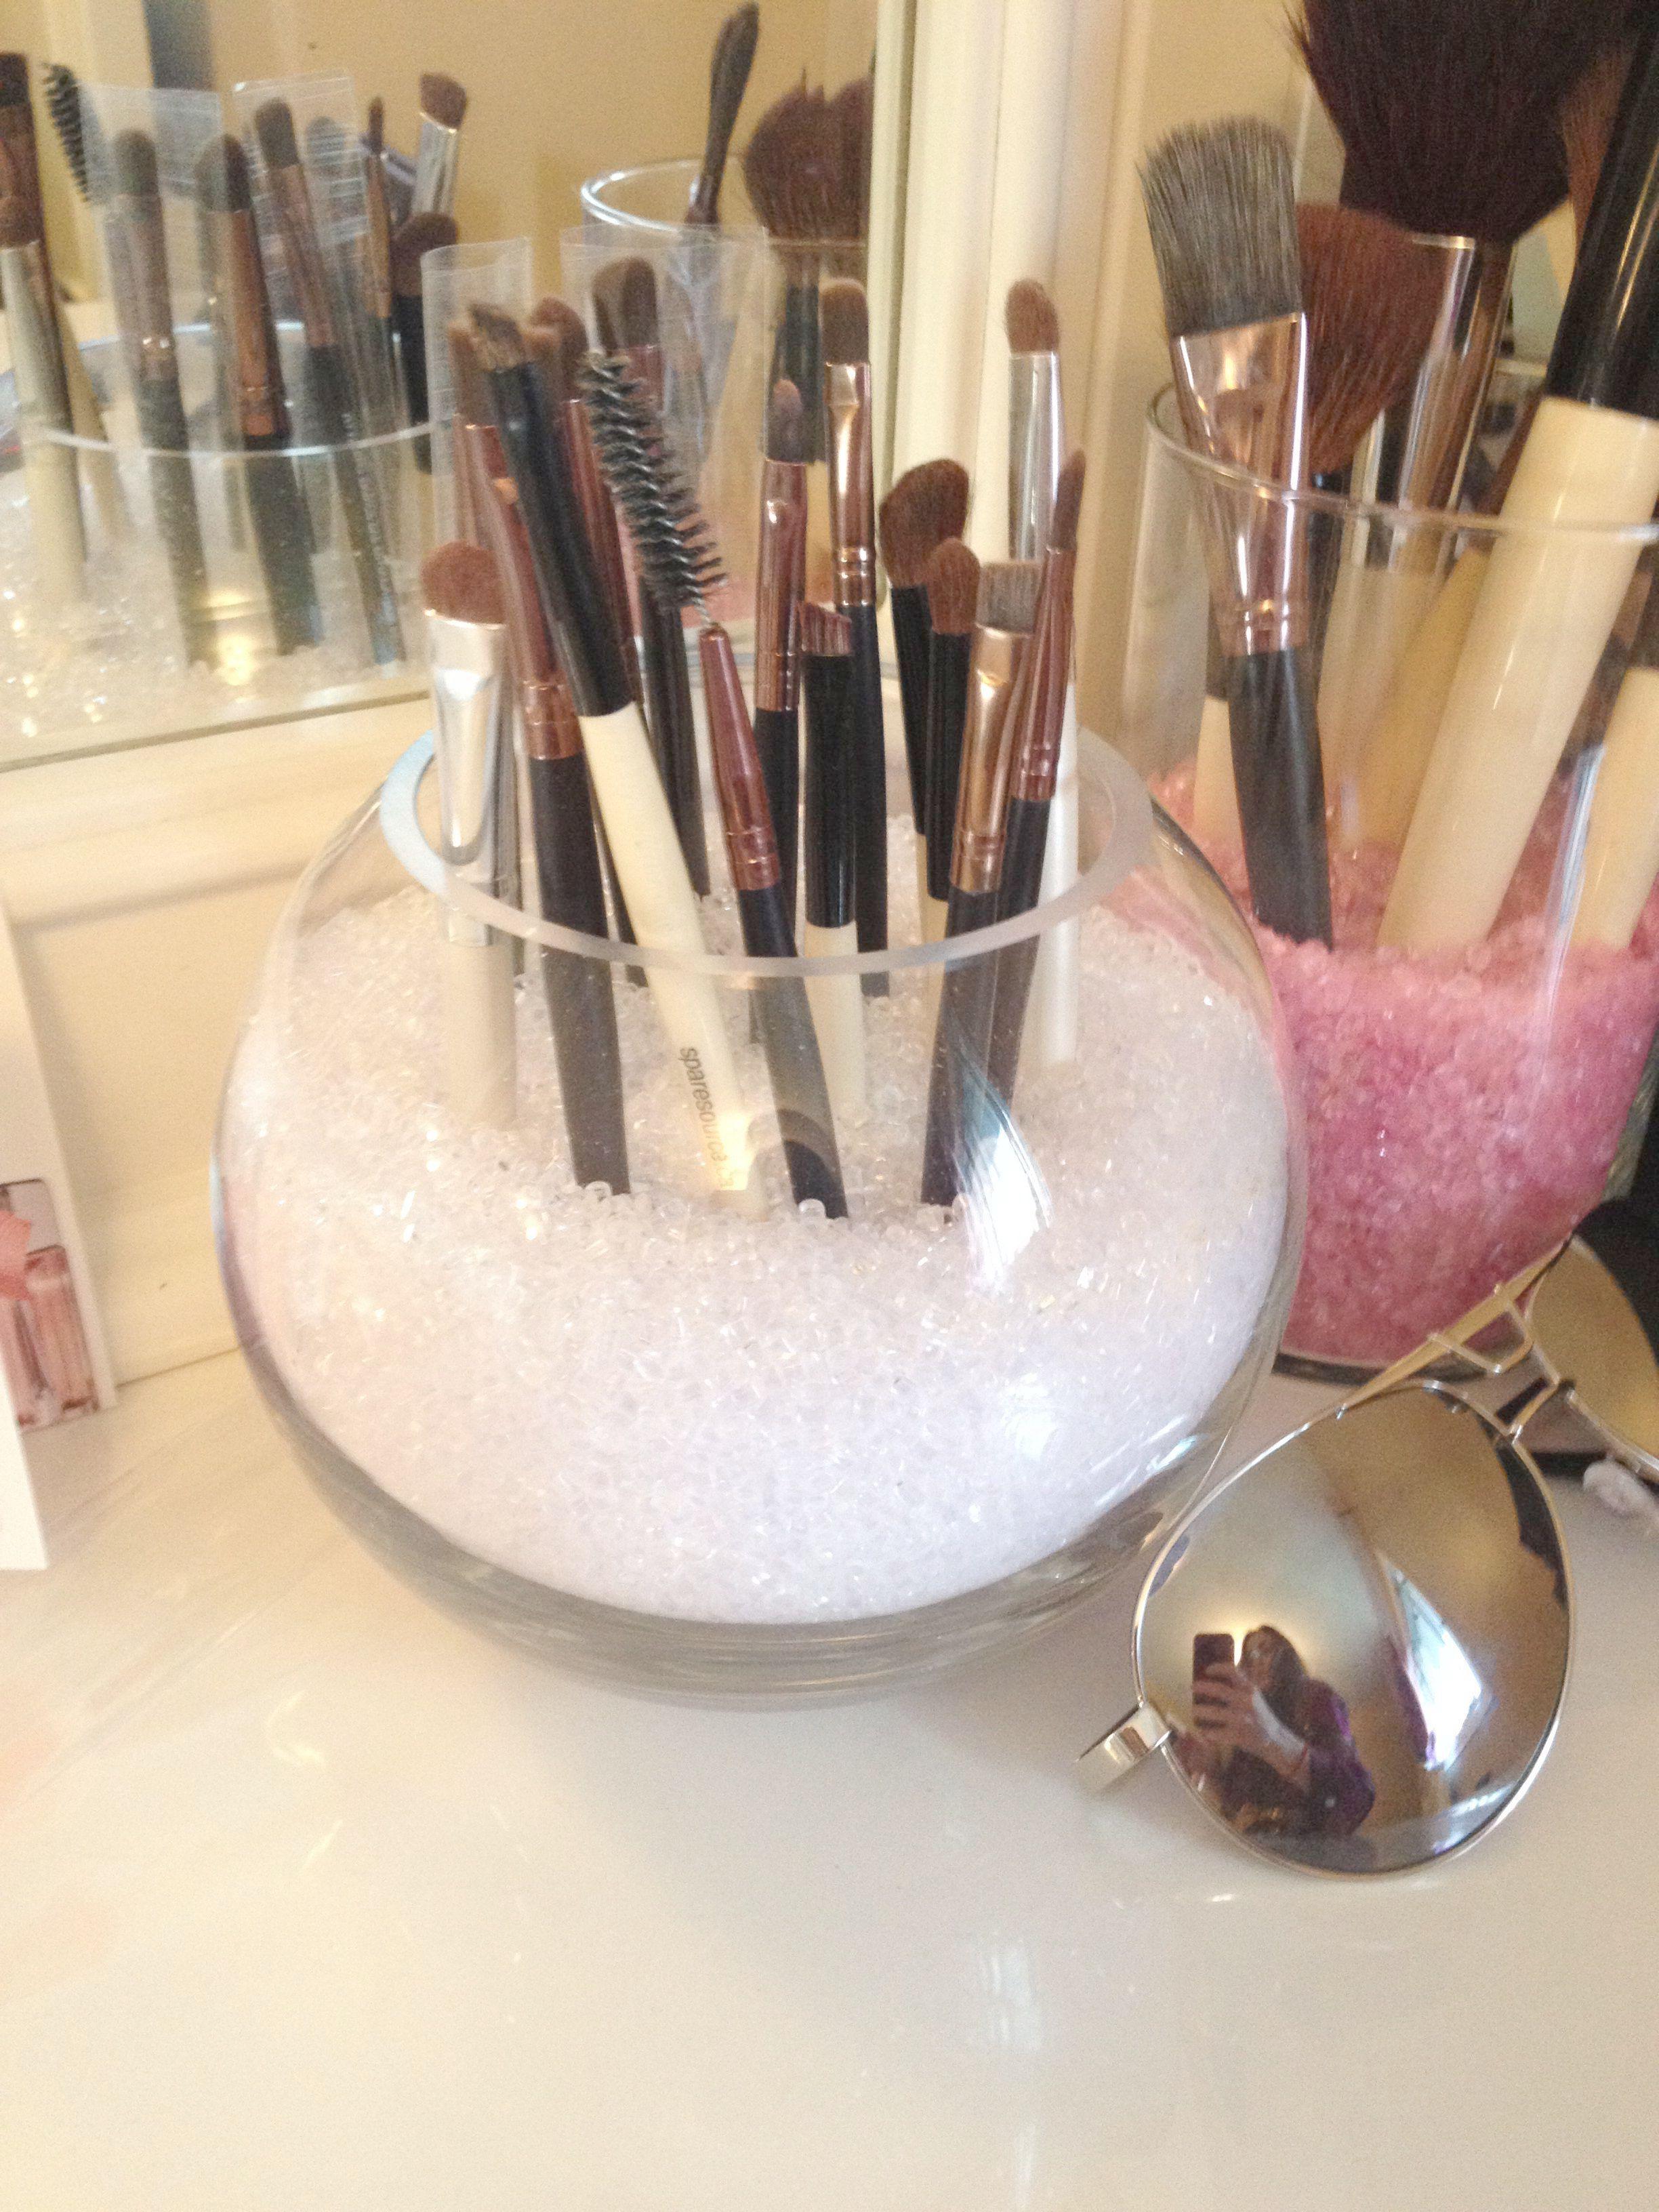 Makeup Organizer Diy Ideas considering Makeup Organizer